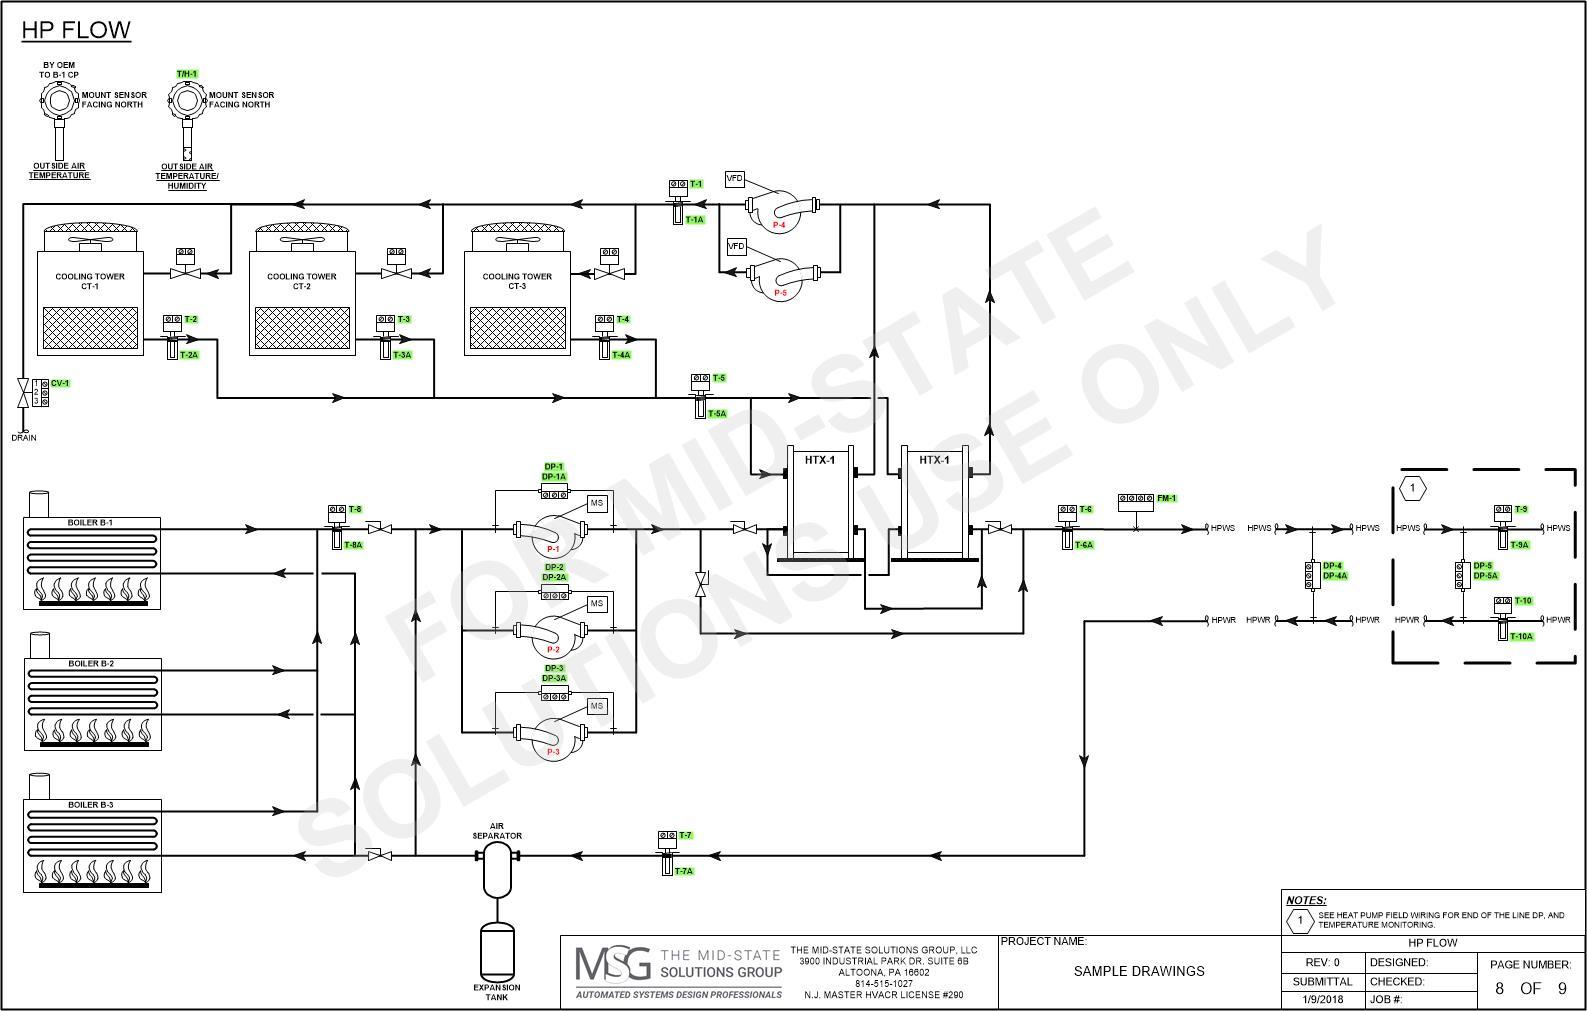 Website Flow Diagram